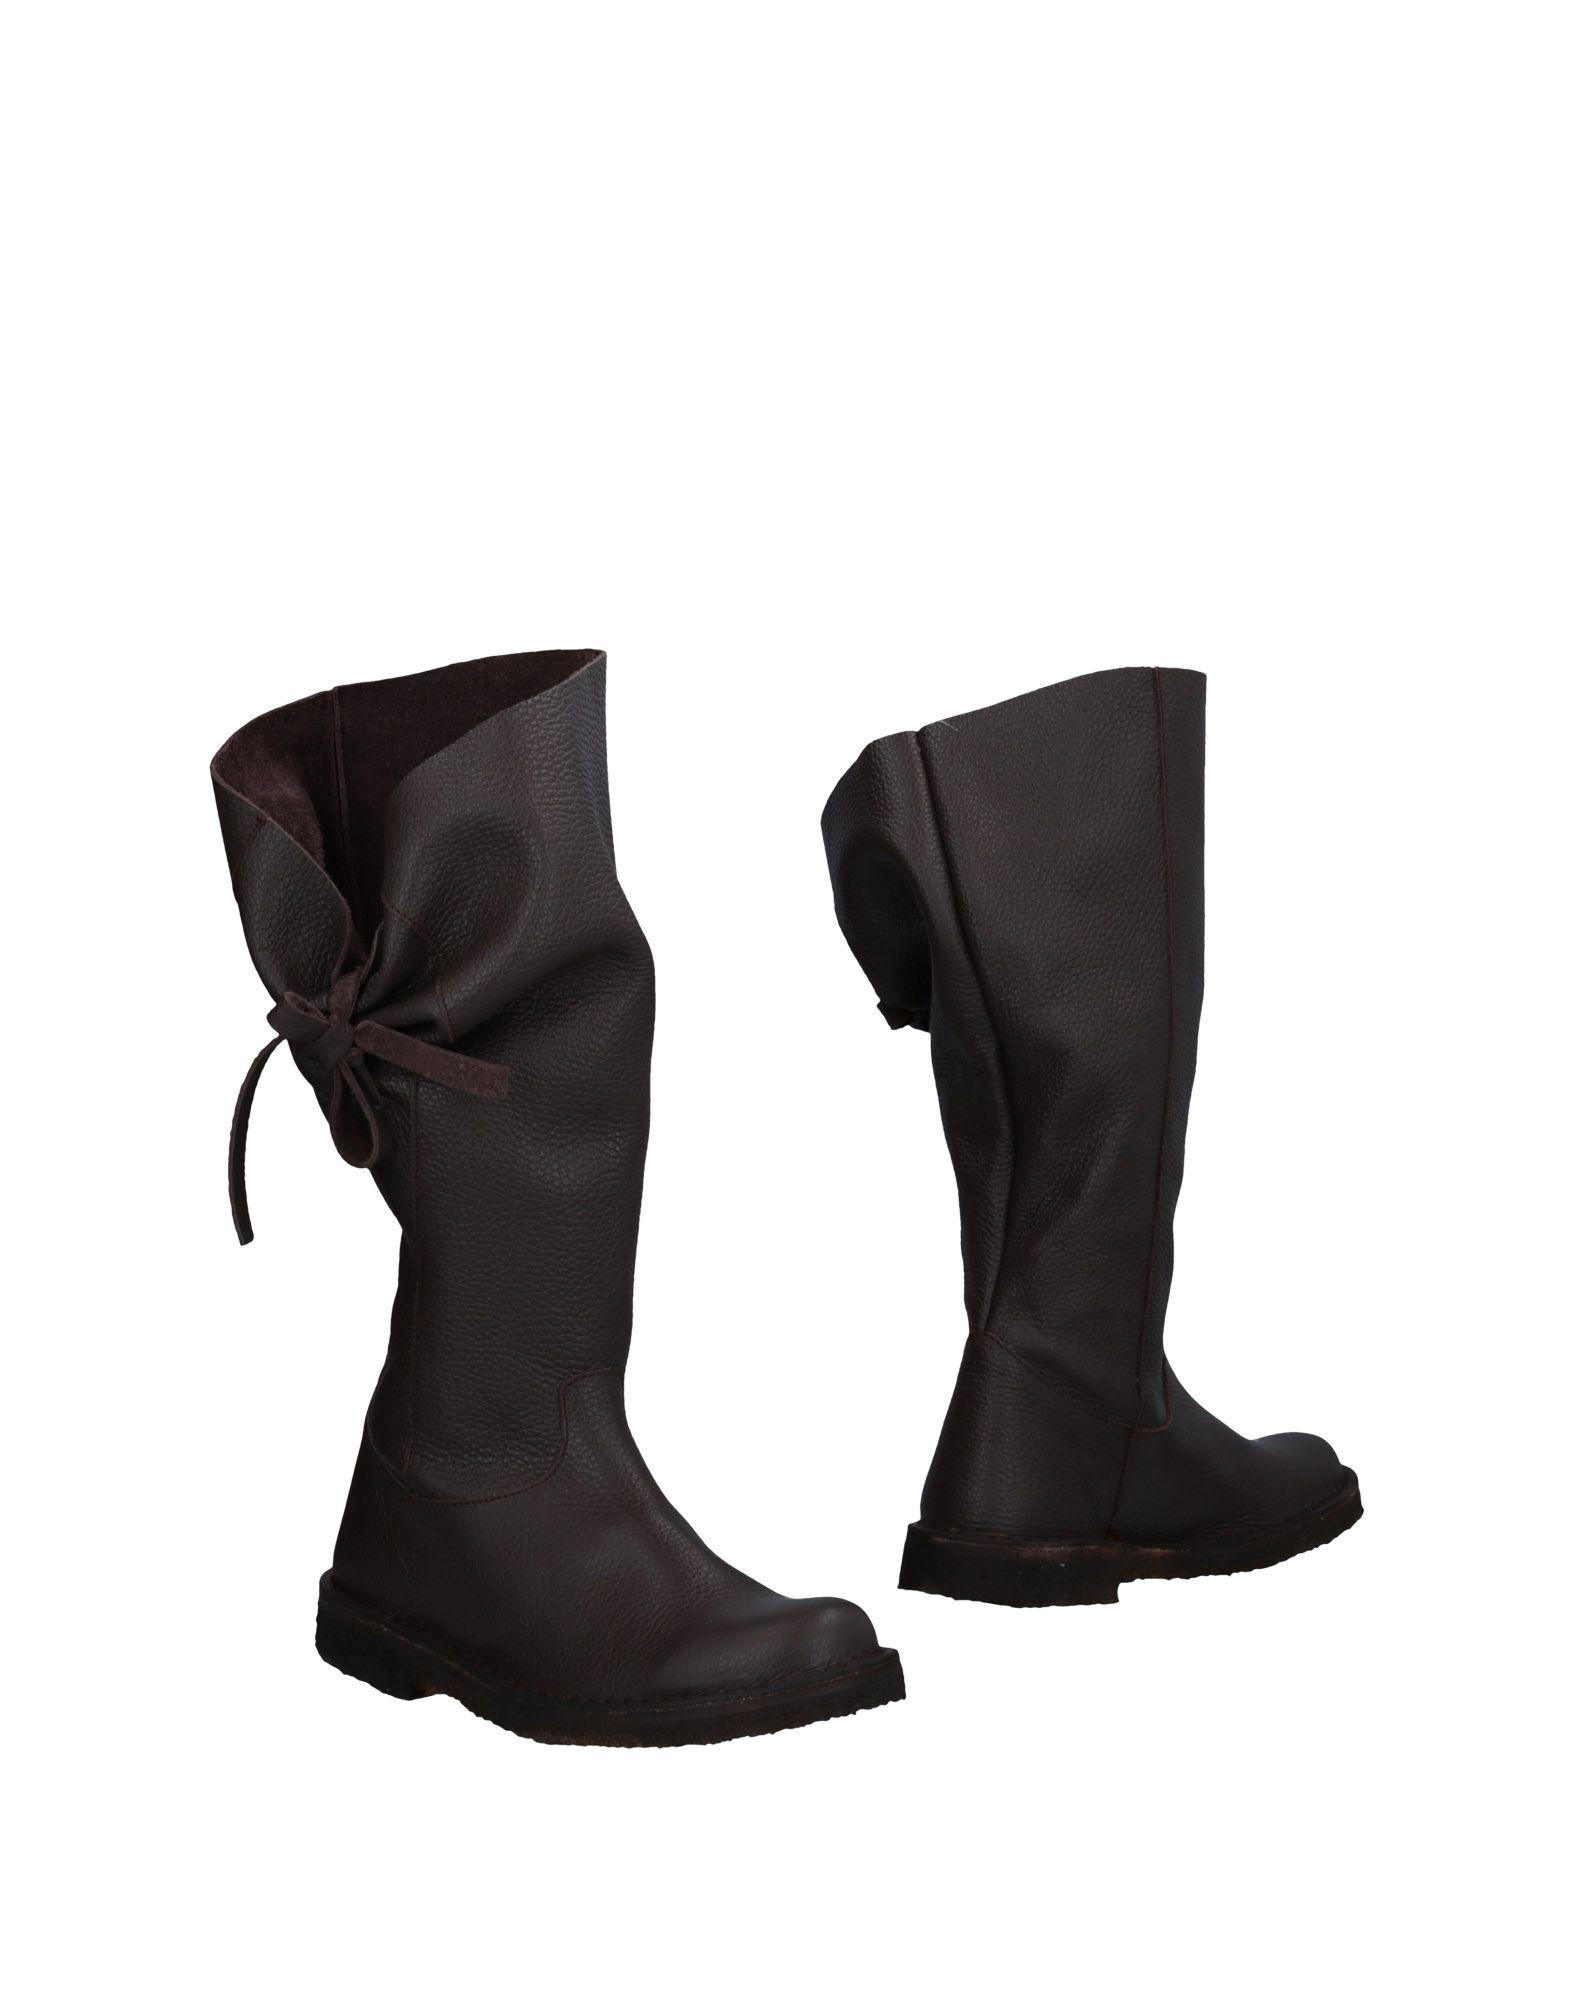 Weg Stiefel Damen  11474188UD Gute Qualität beliebte Schuhe